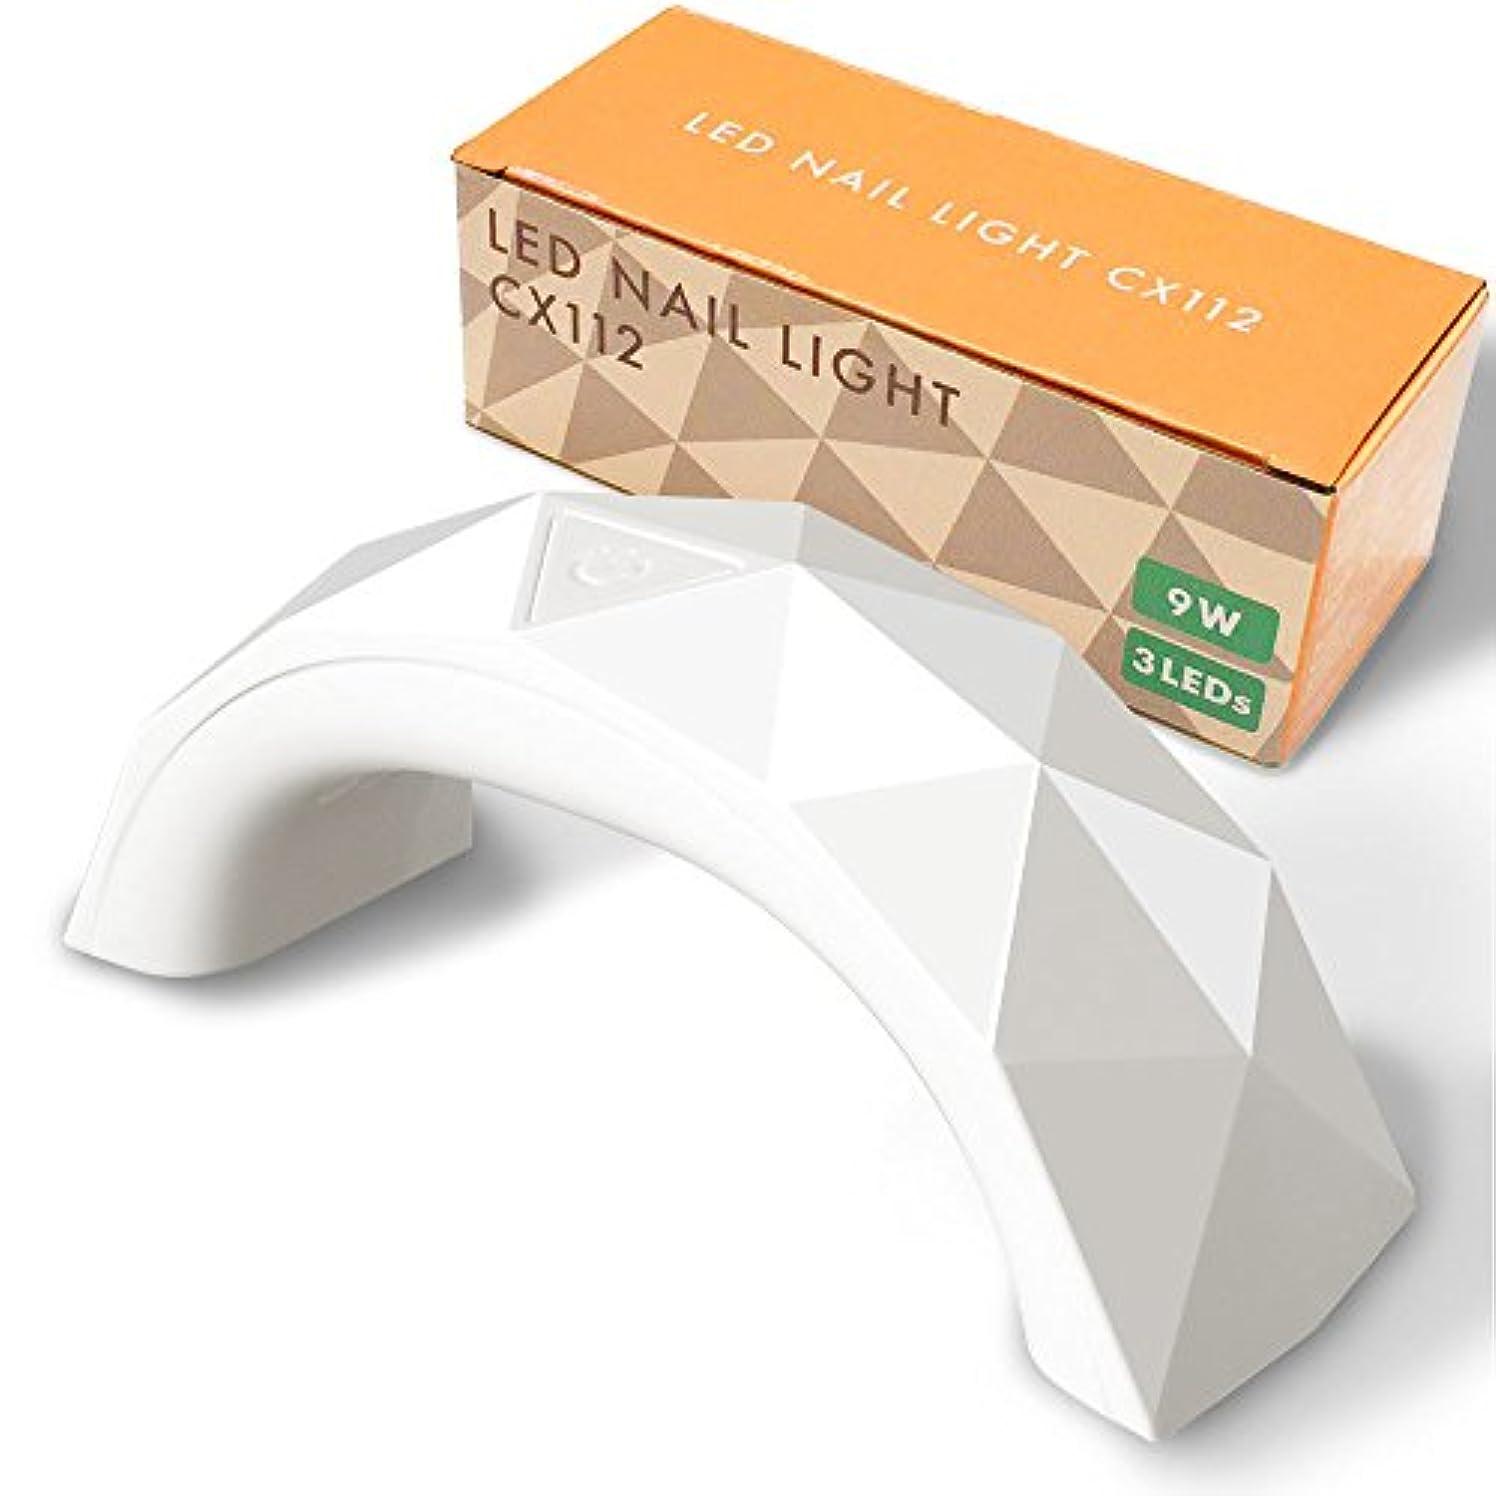 年金群がる限りなく【Centrex】【CX112】ジェルネイル LEDライト 9W 硬化用ライト タイマー付き ハイパワーチップ式LED球 USB式 (ホワイト)